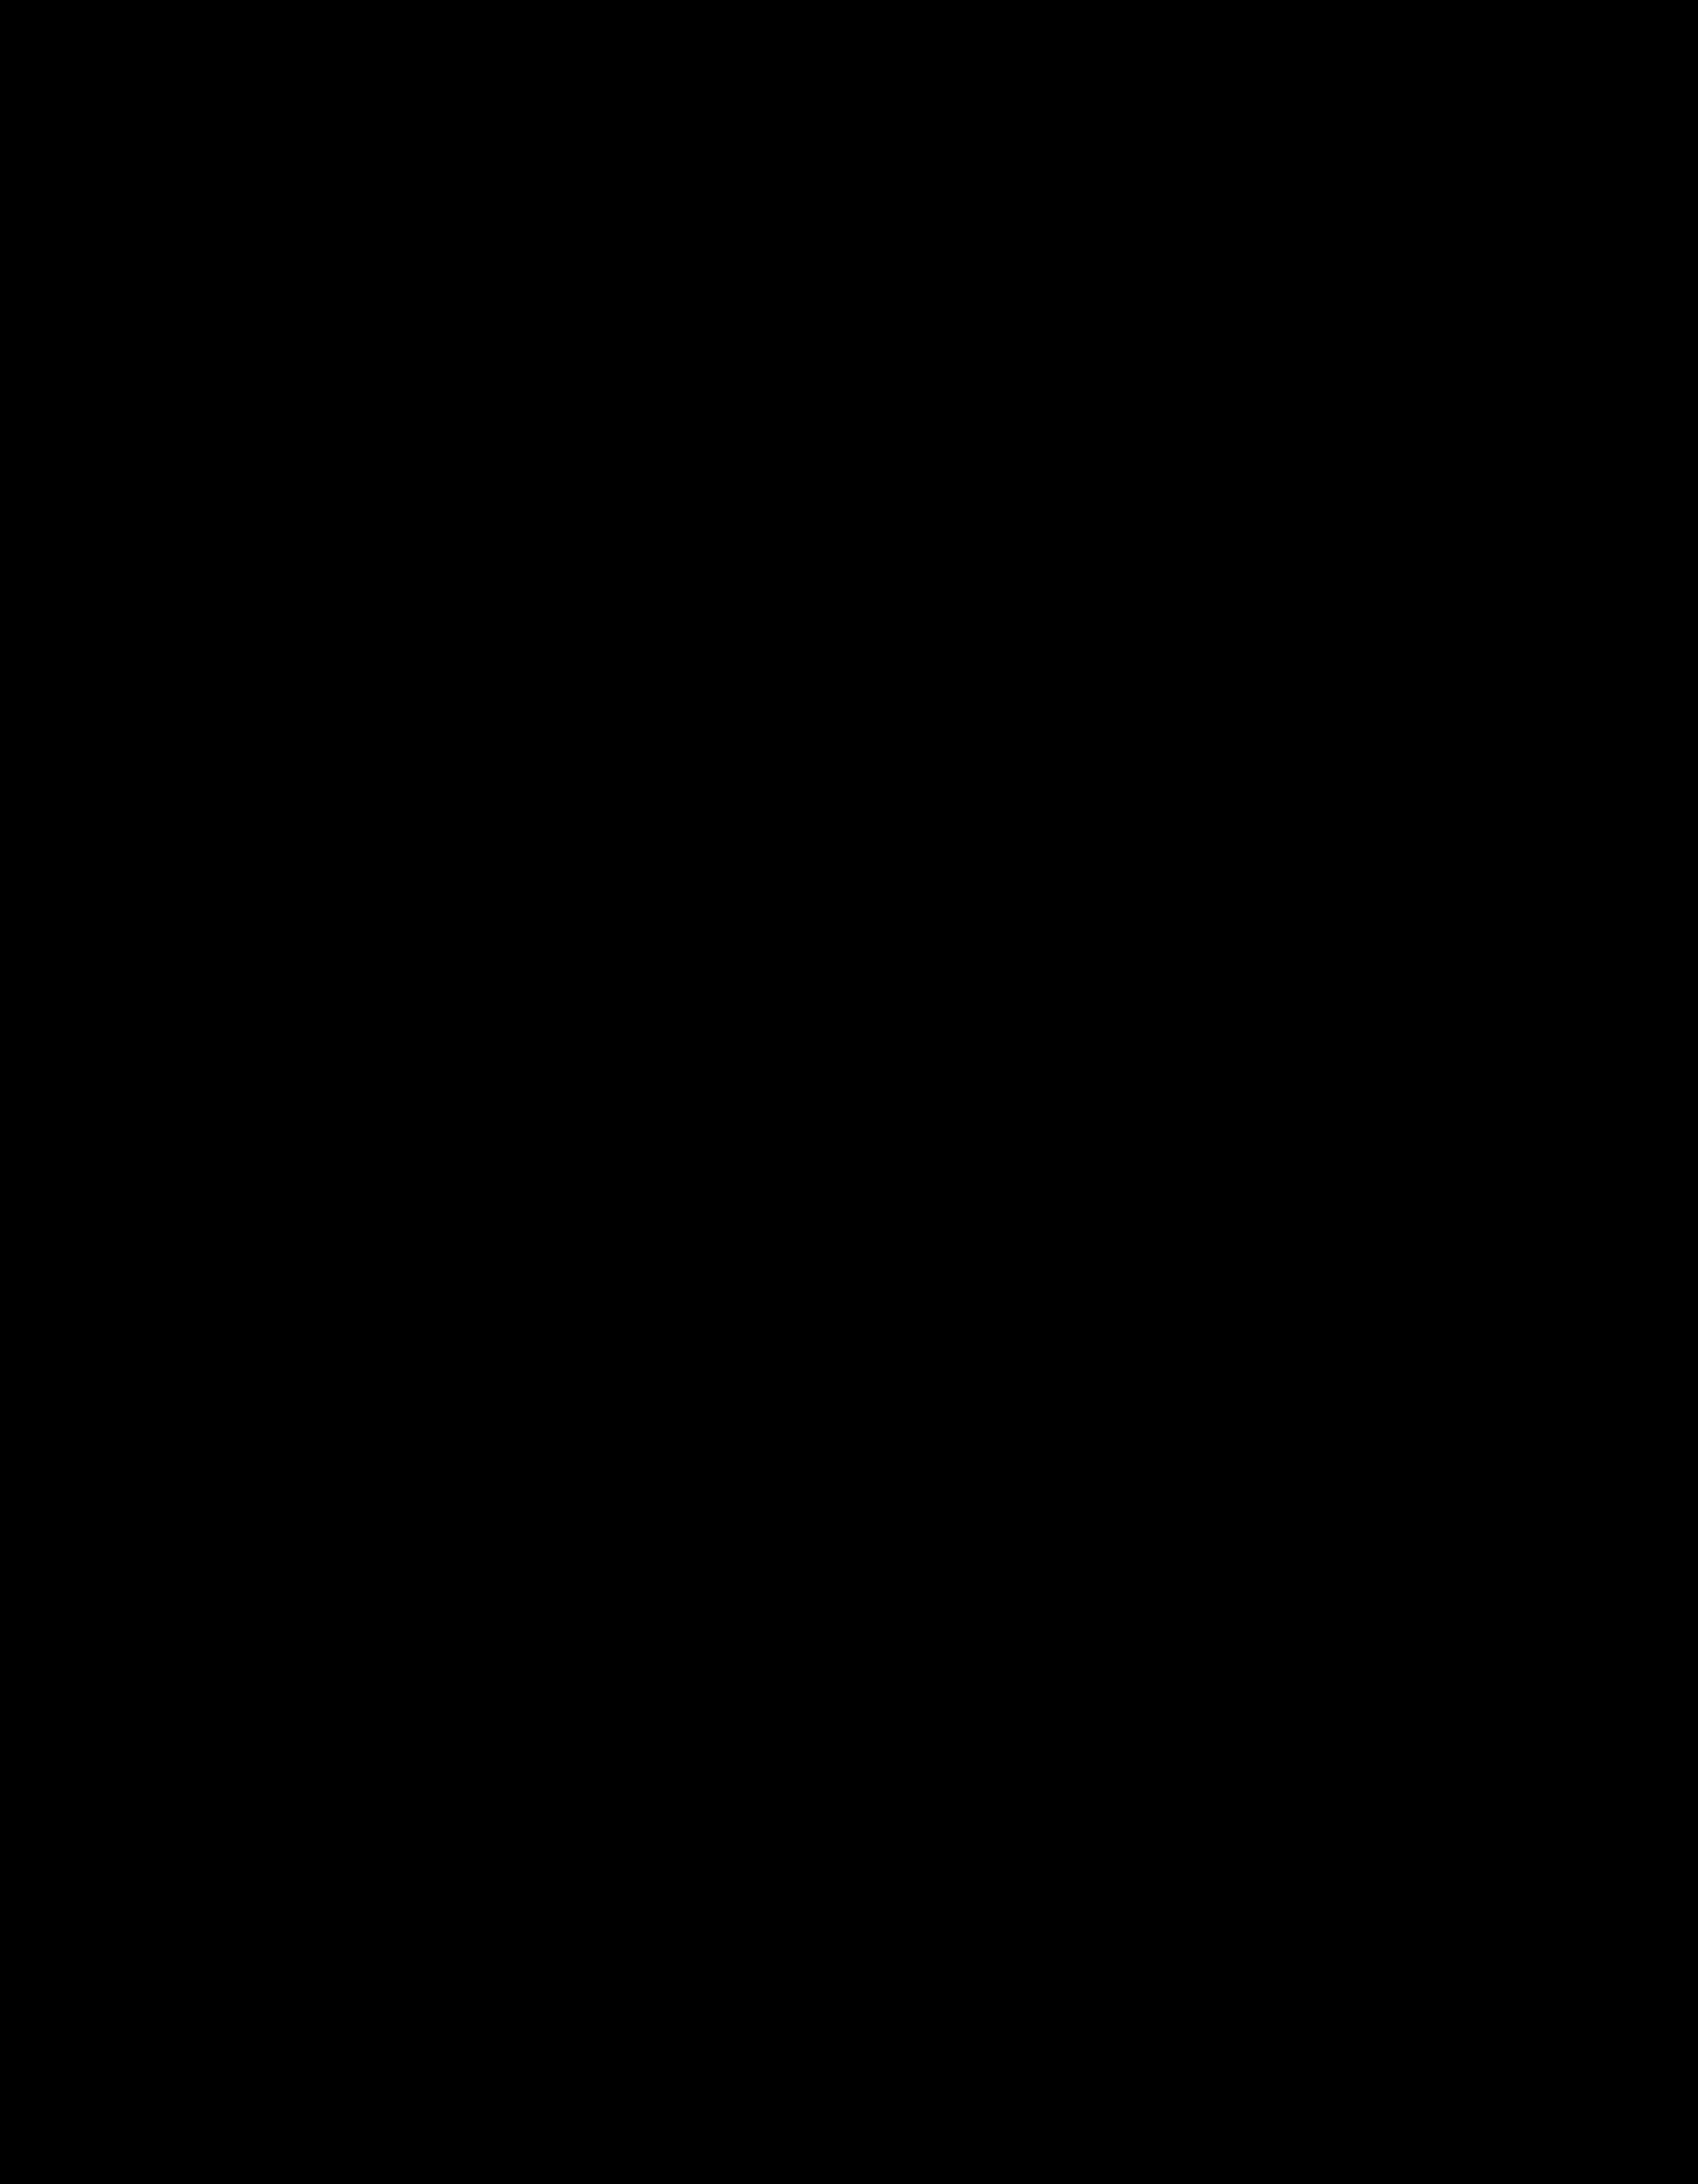 What is Verbal Branding?